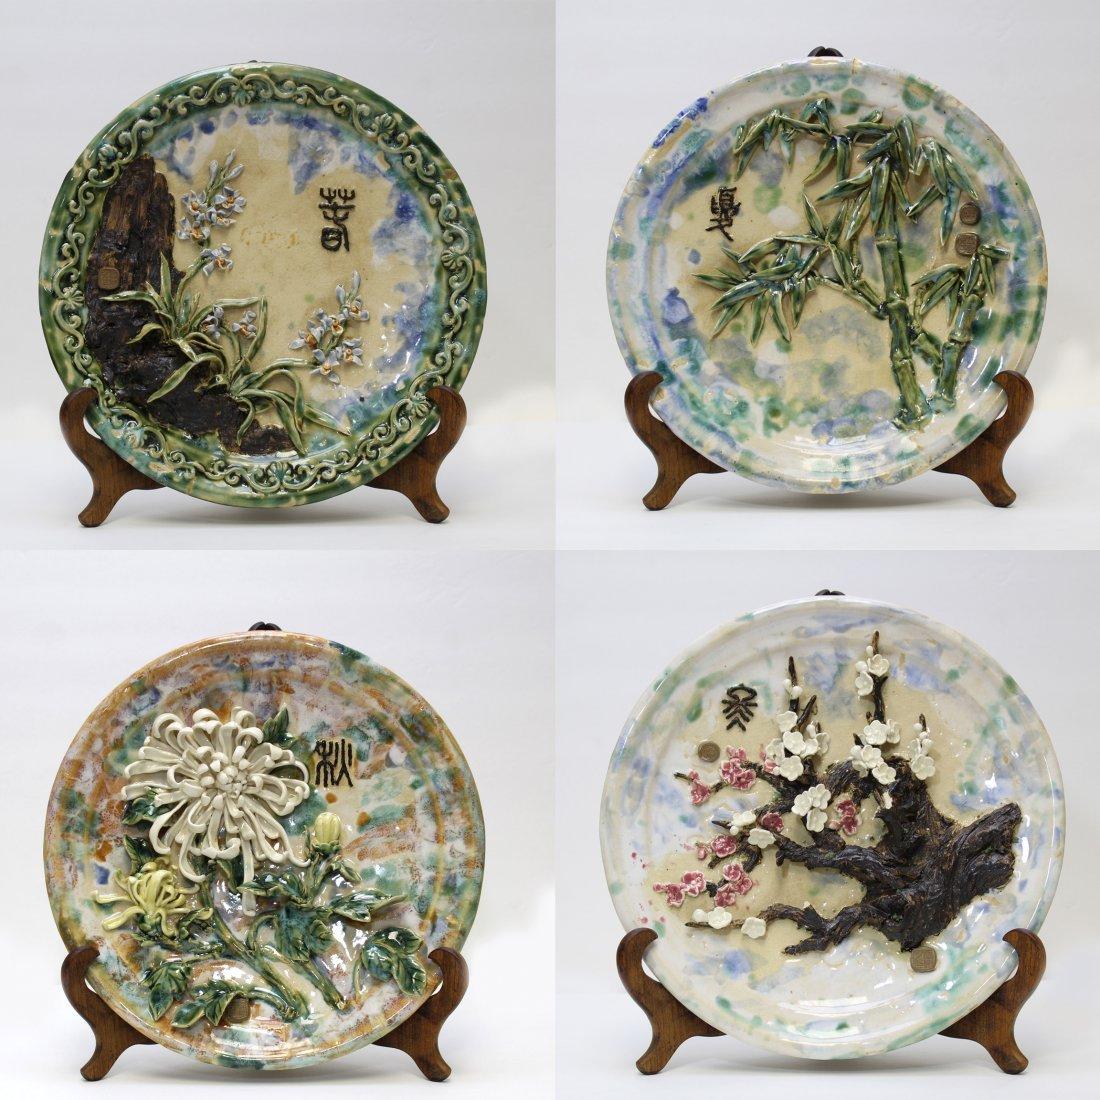 4 Four-Season Porcelain Decorative Plates